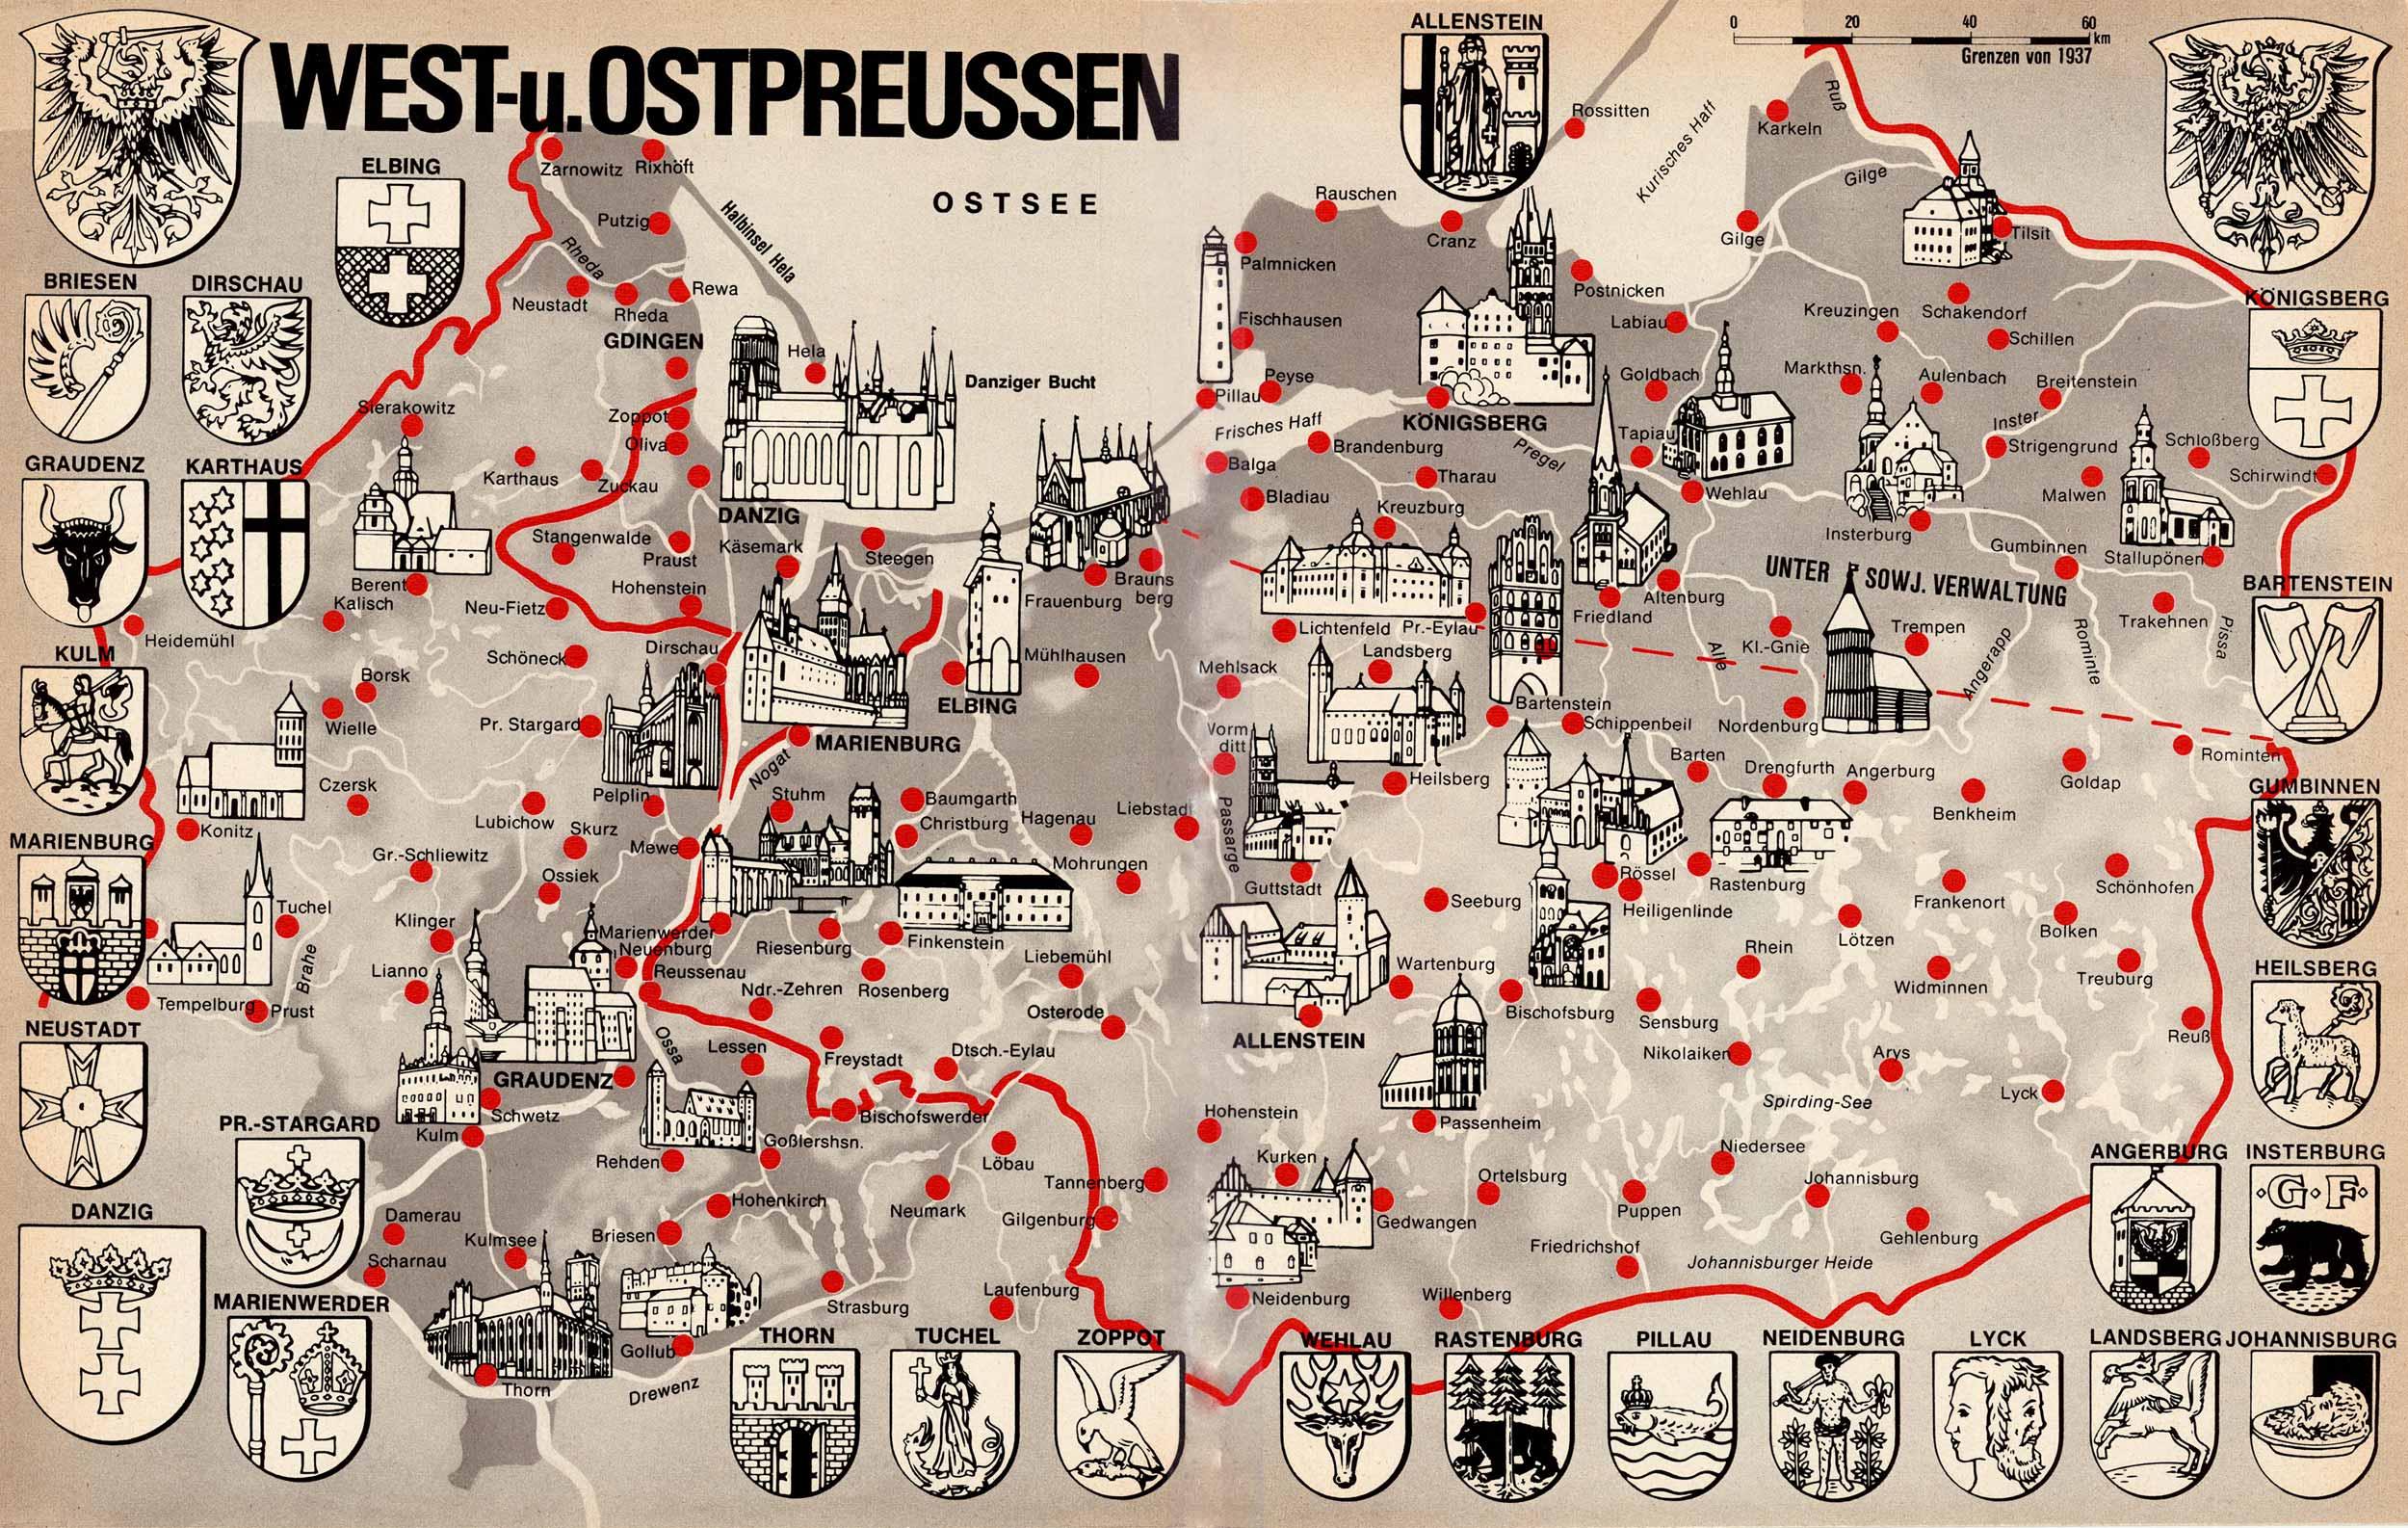 Karte Ostpreußen.Karten Ost Und West Preußen Willich Nach 1945 Flucht Und Vertreibung